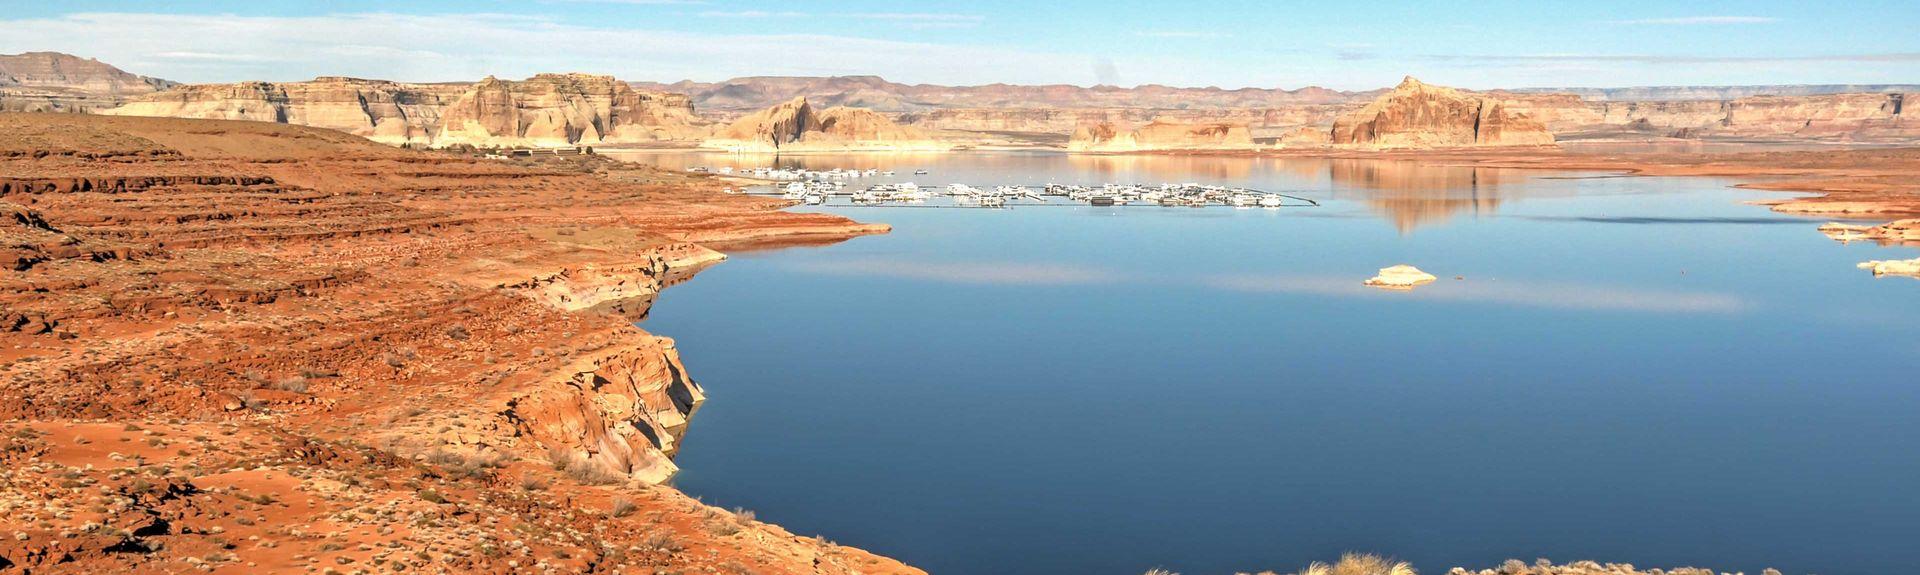 Lower Antelope Canyon, Page, AZ, USA